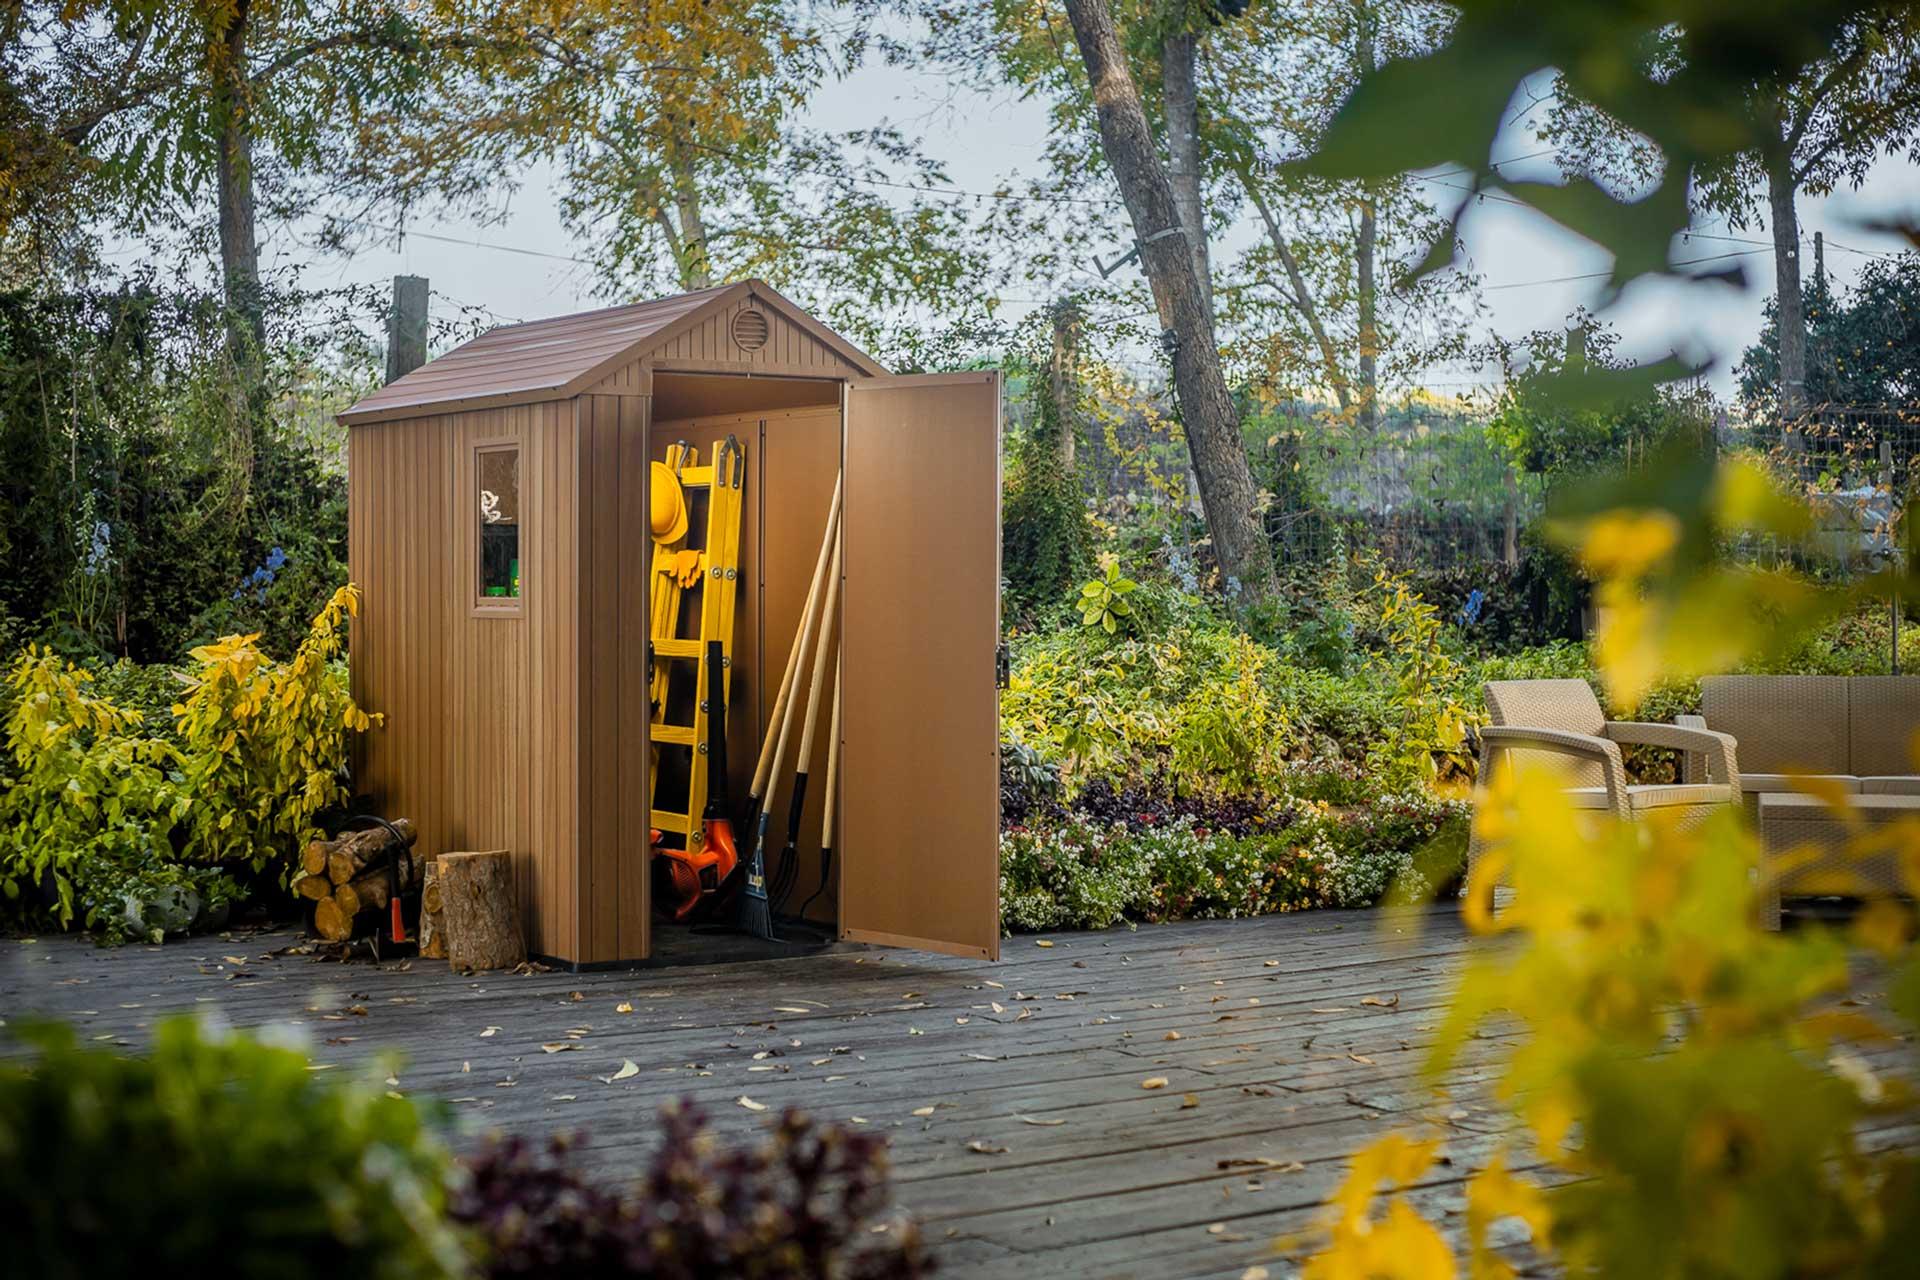 Jak z głową wybrać domek ogrodowy?